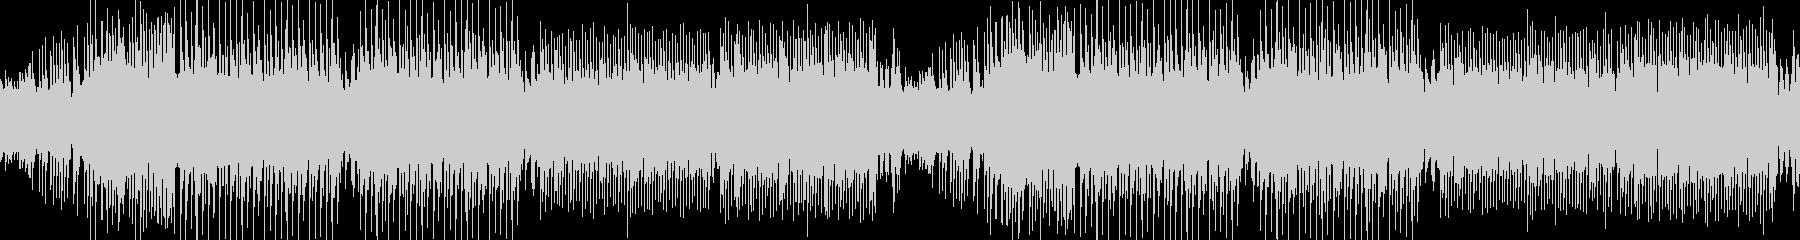 和風・わくわく・三味線・EDMの未再生の波形